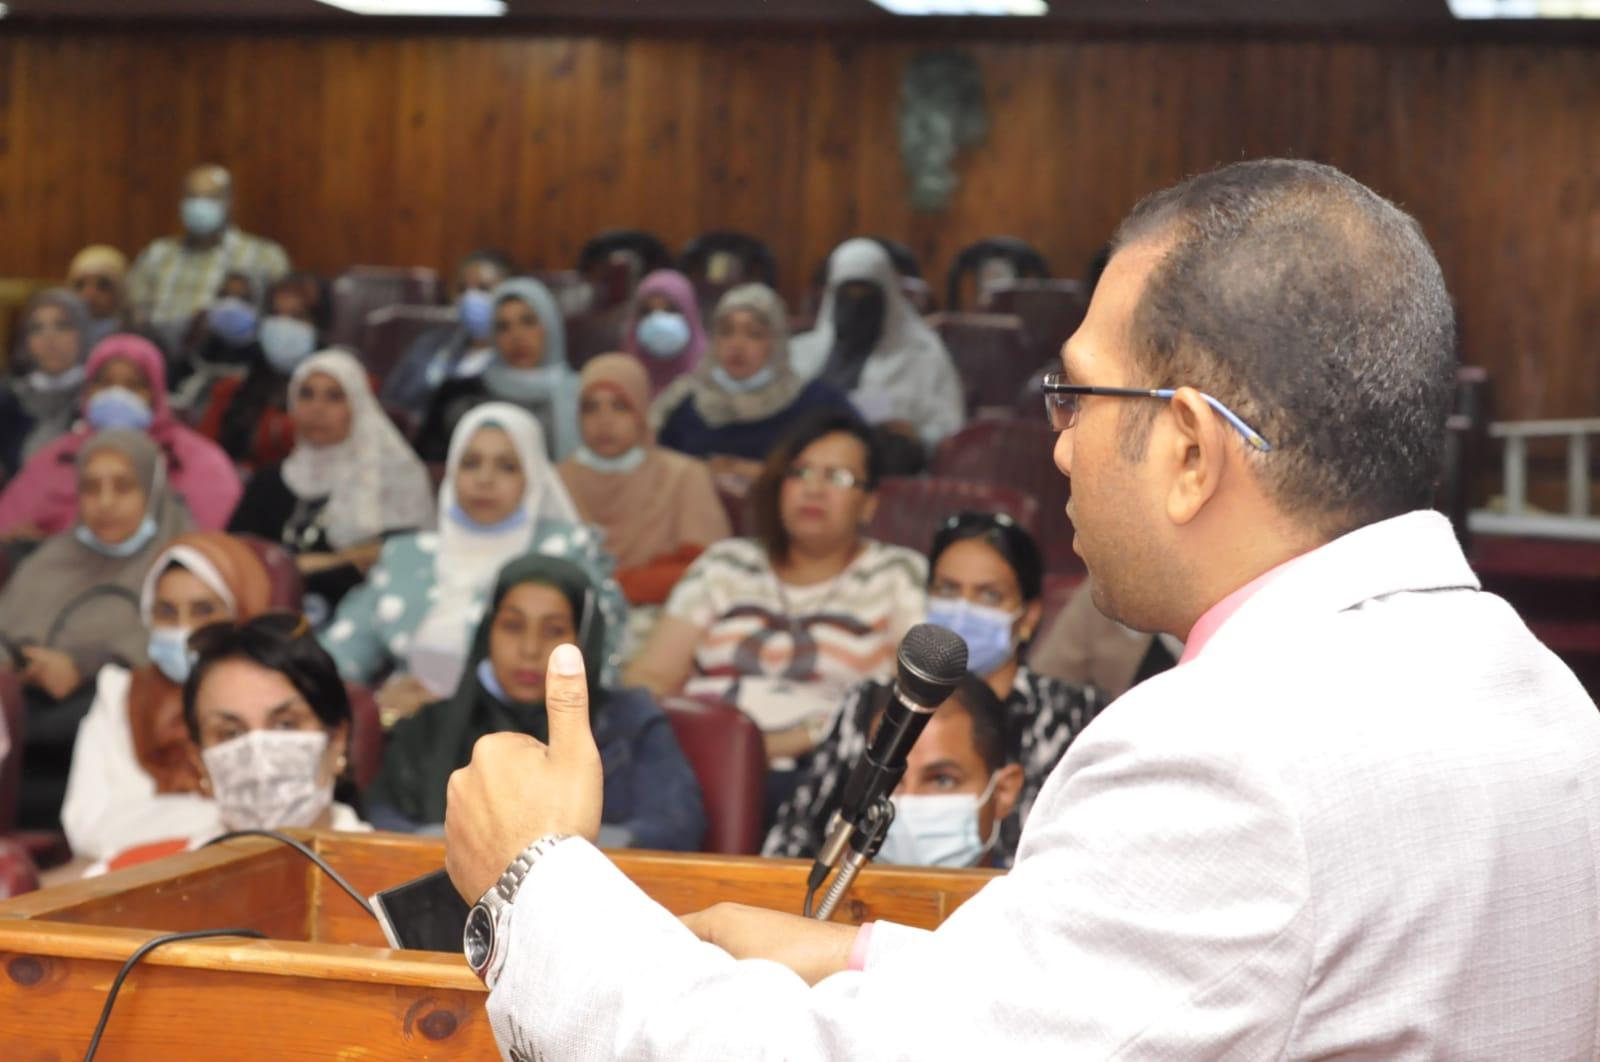 اليوم العلمي الثالث لمكافحة العدوى بمستشفيات المنيا الجامعية